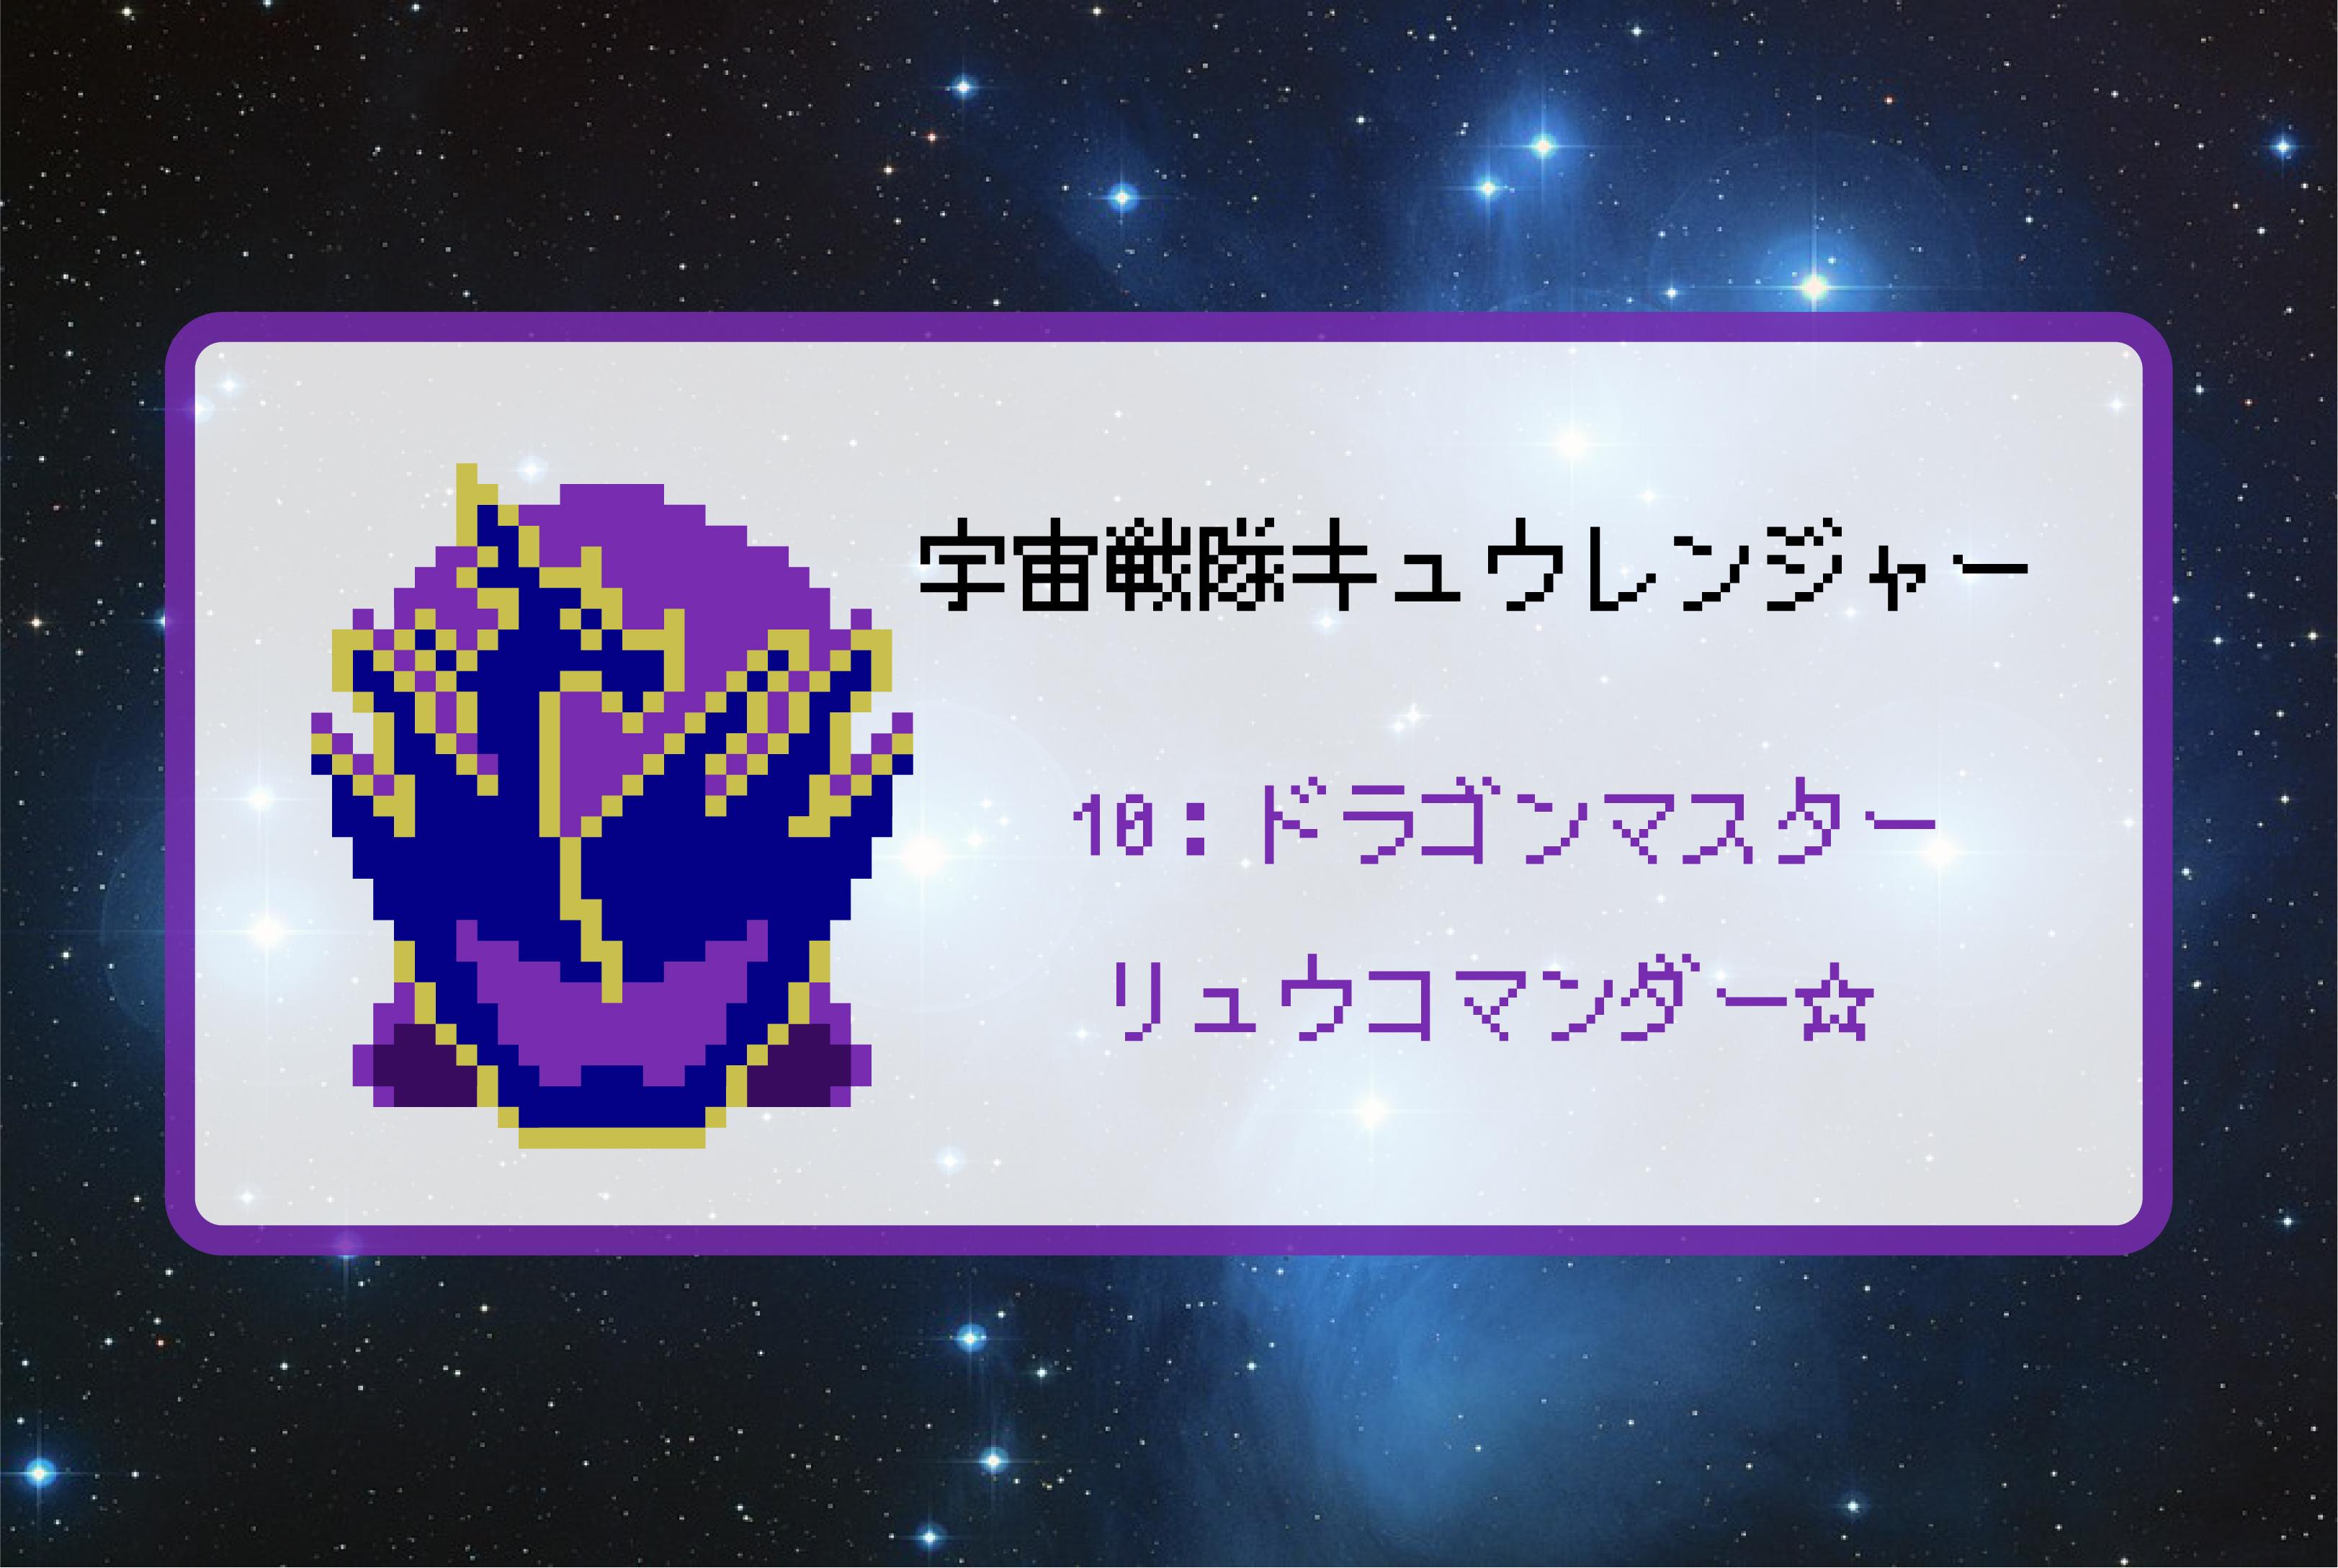 【宇宙戦隊キュウレンジャー】リュウコマンダーのアイロンビーズ図案